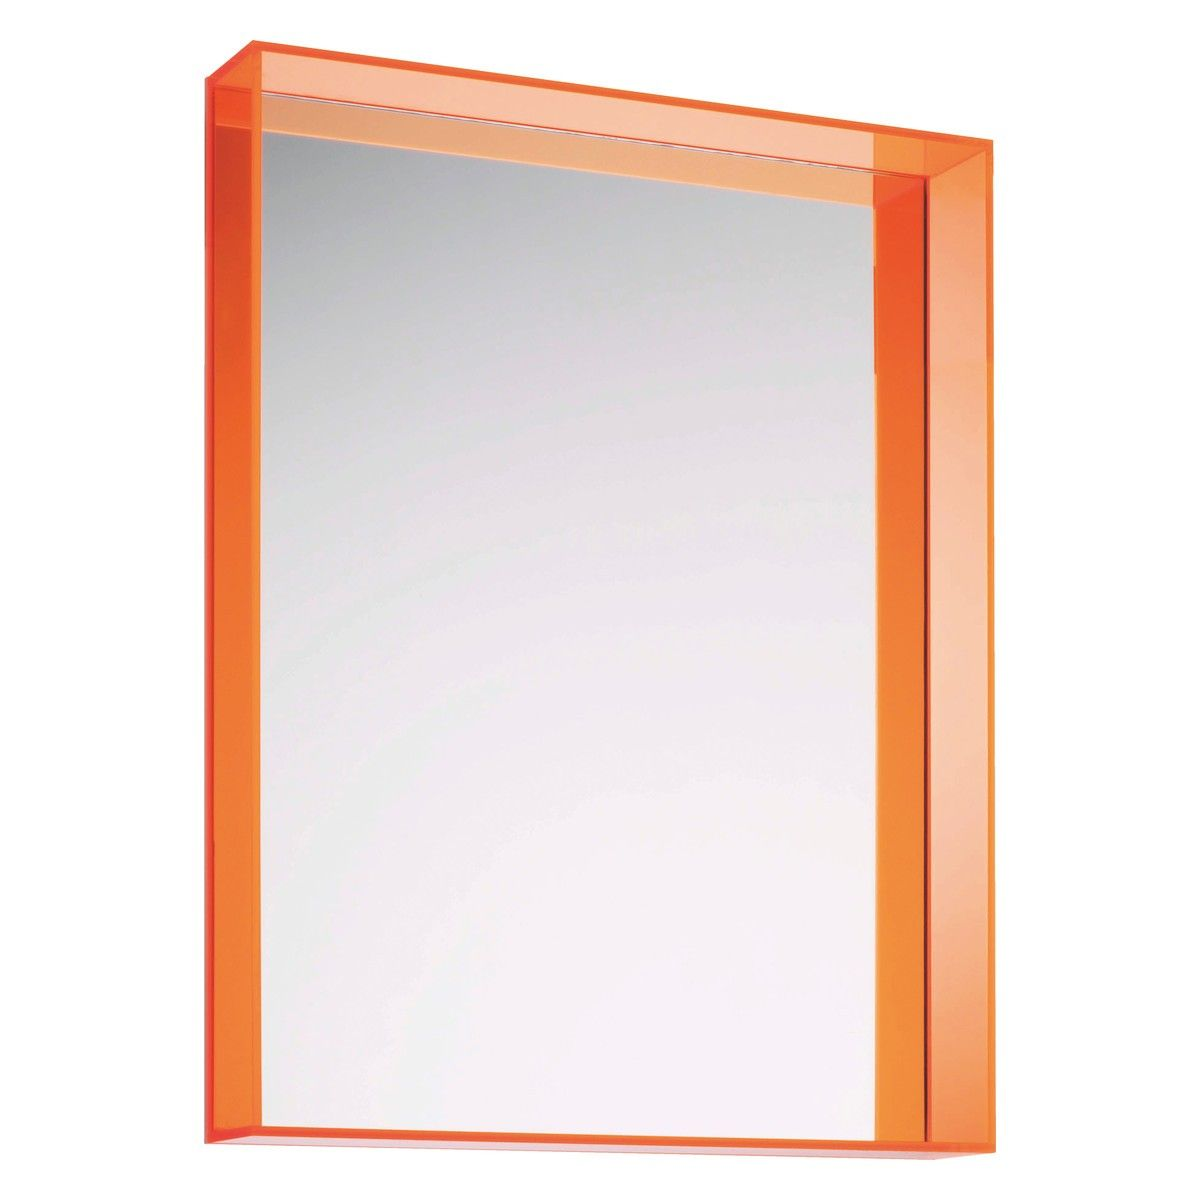 Vento orange acrylic mirror 30 x 40cm acrylics dark hallway and vento orange acrylic mirror 30 x 40cm amipublicfo Gallery